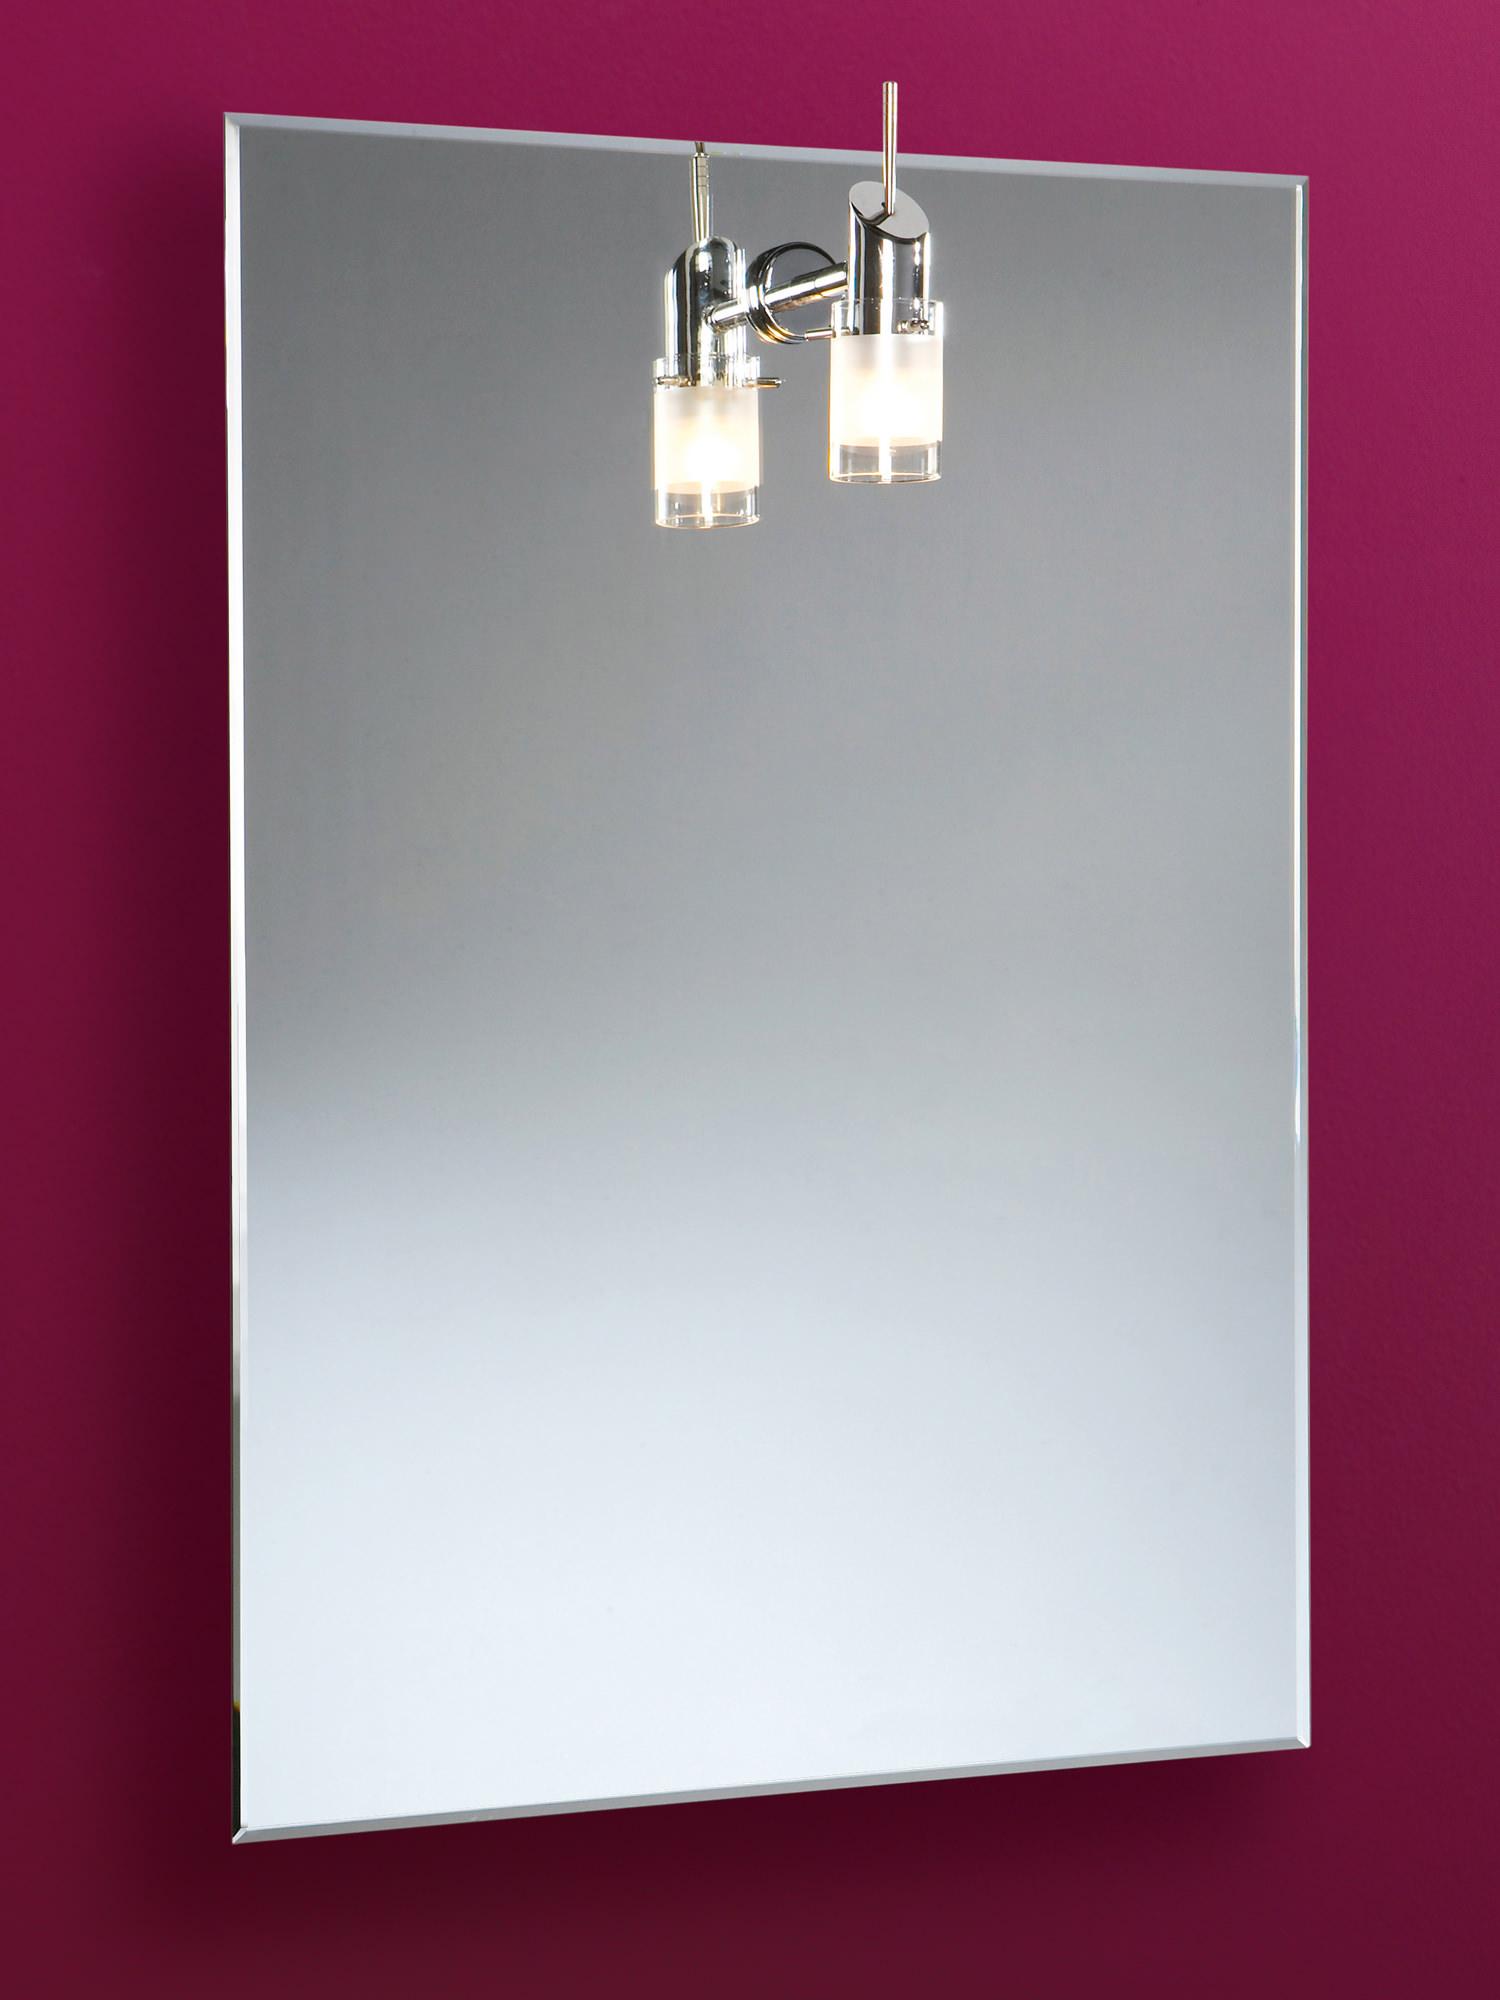 Bathroom Mirrors Illuminated: HIB Leila Illuminated Mirror With Halogen Light 500 X